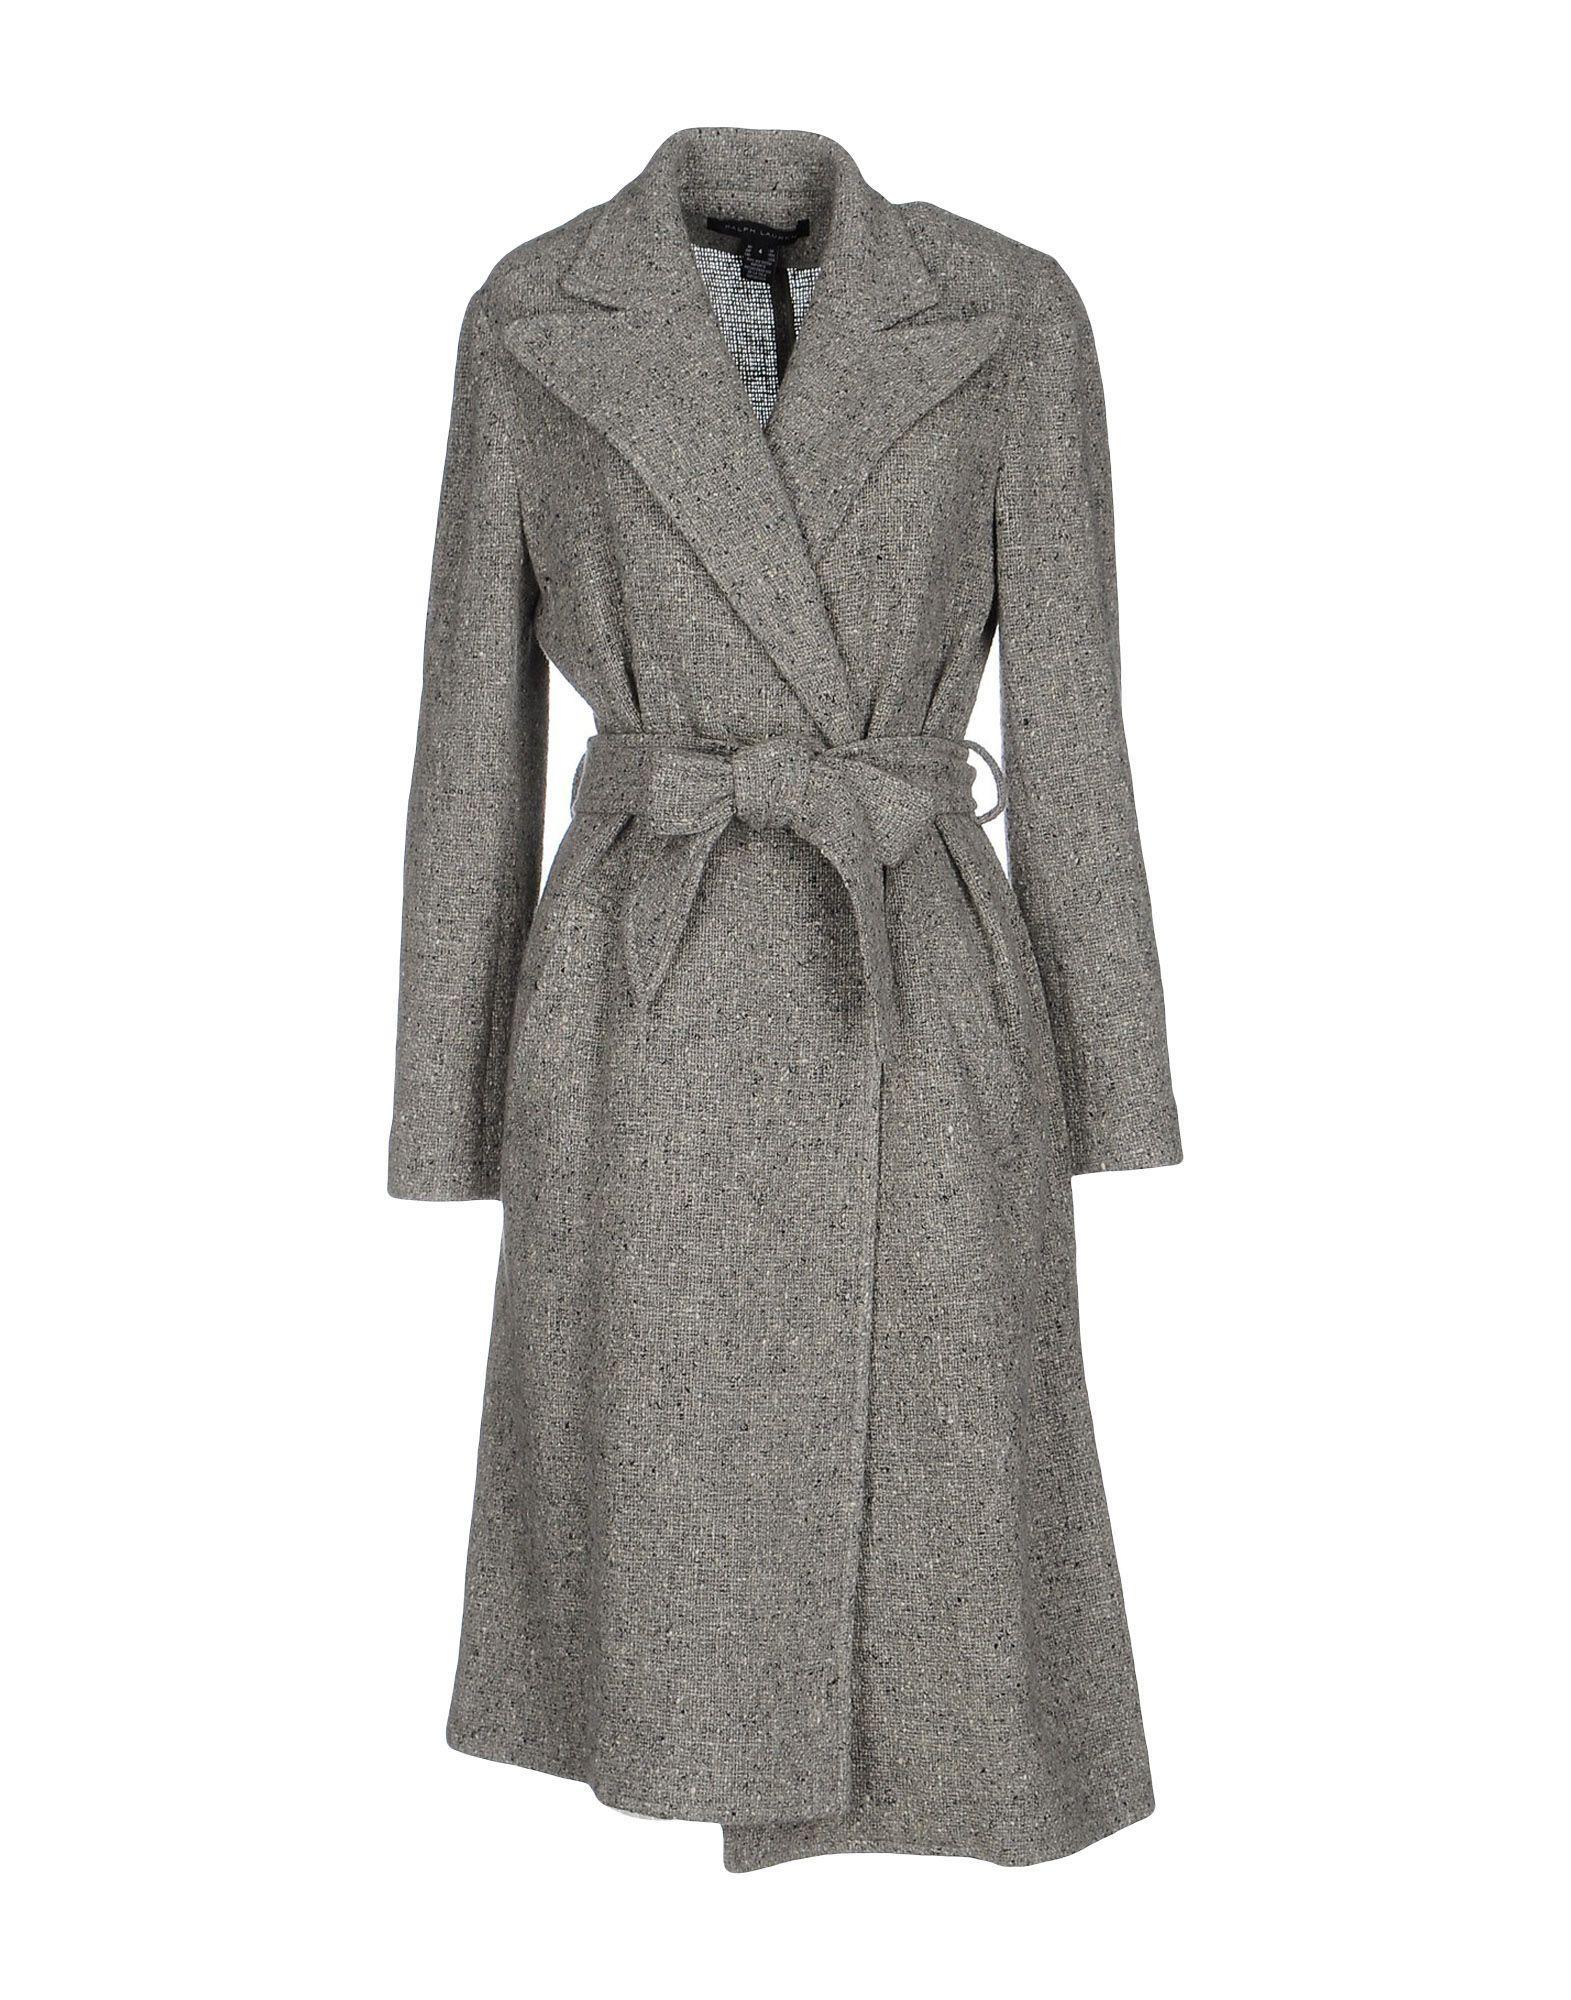 Ralph Lauren Belted Coats In Grey